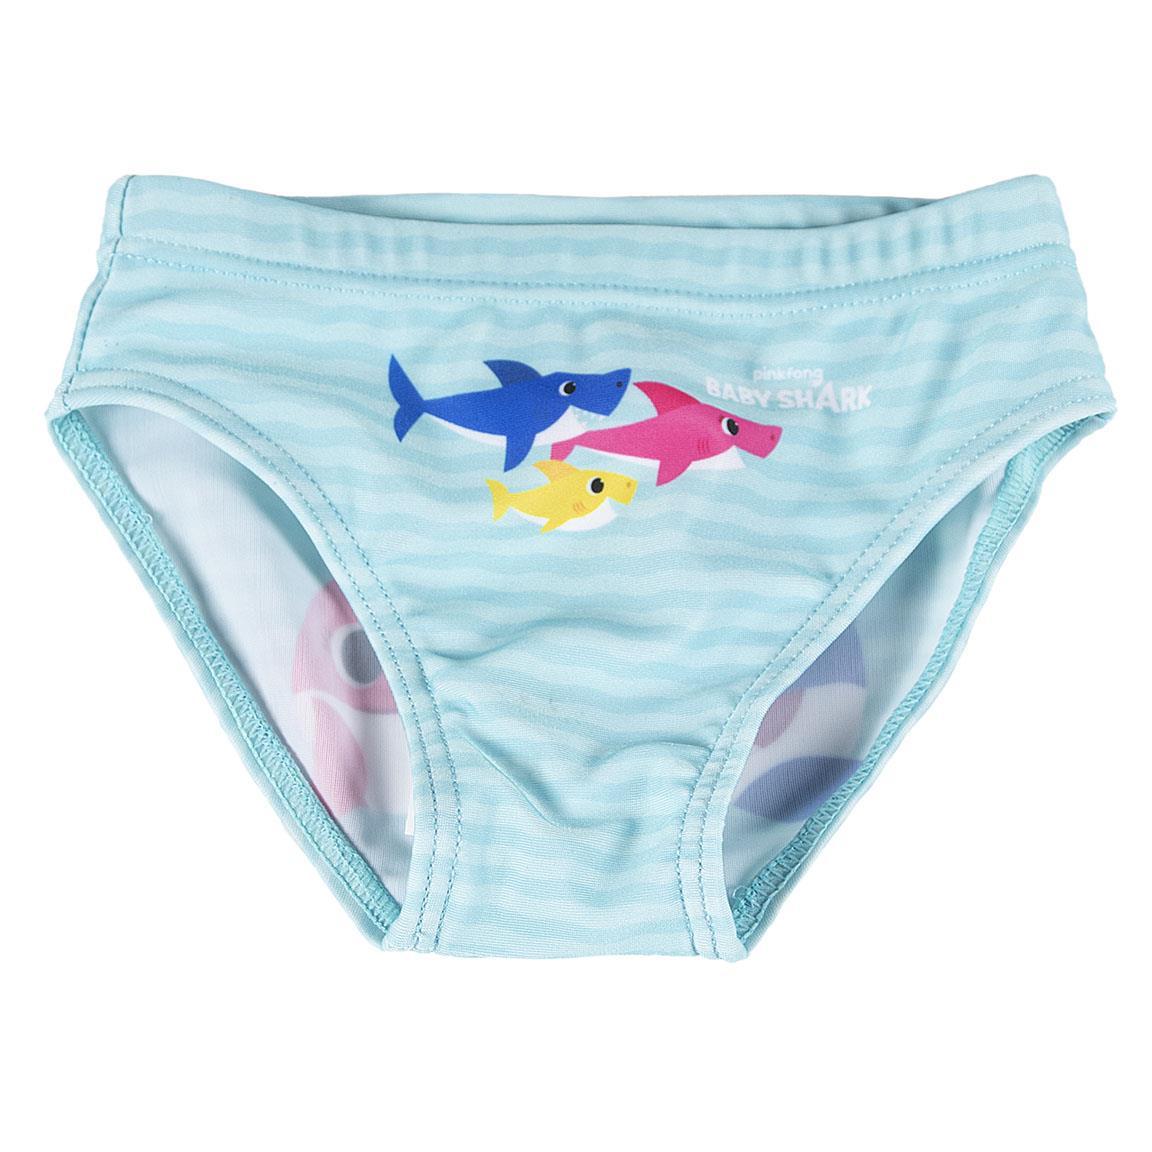 Costume mare Baby shark da 6 a 36 mesi-2